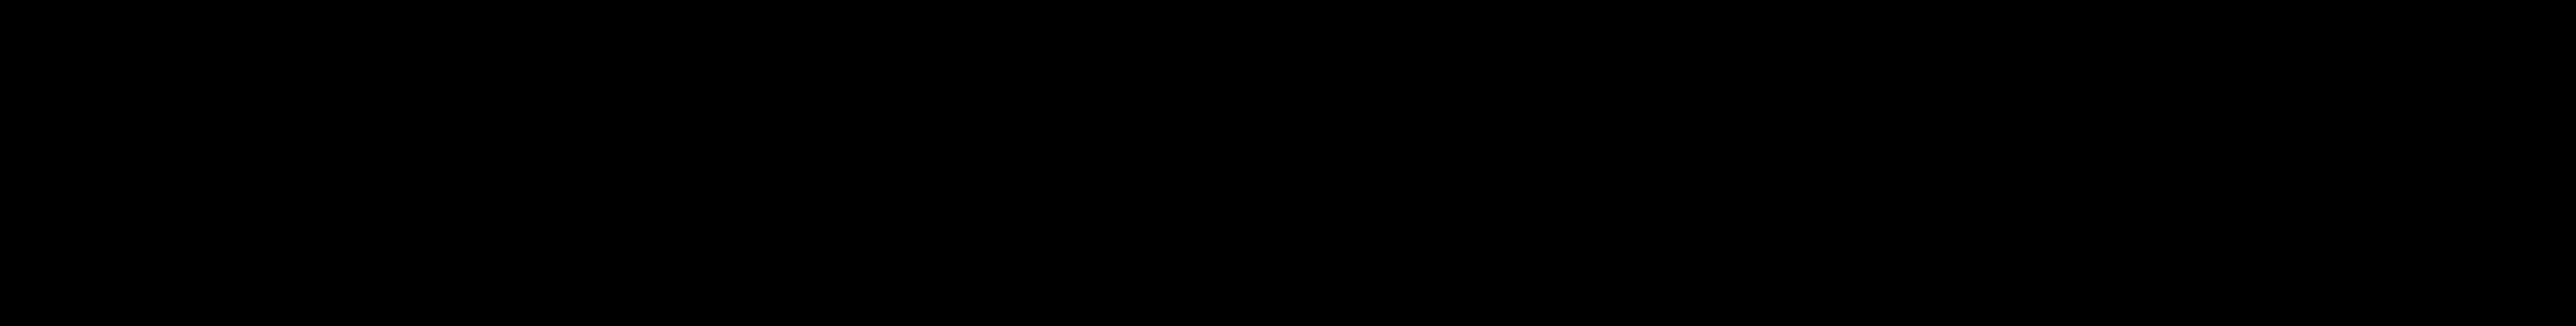 デザインイメージ